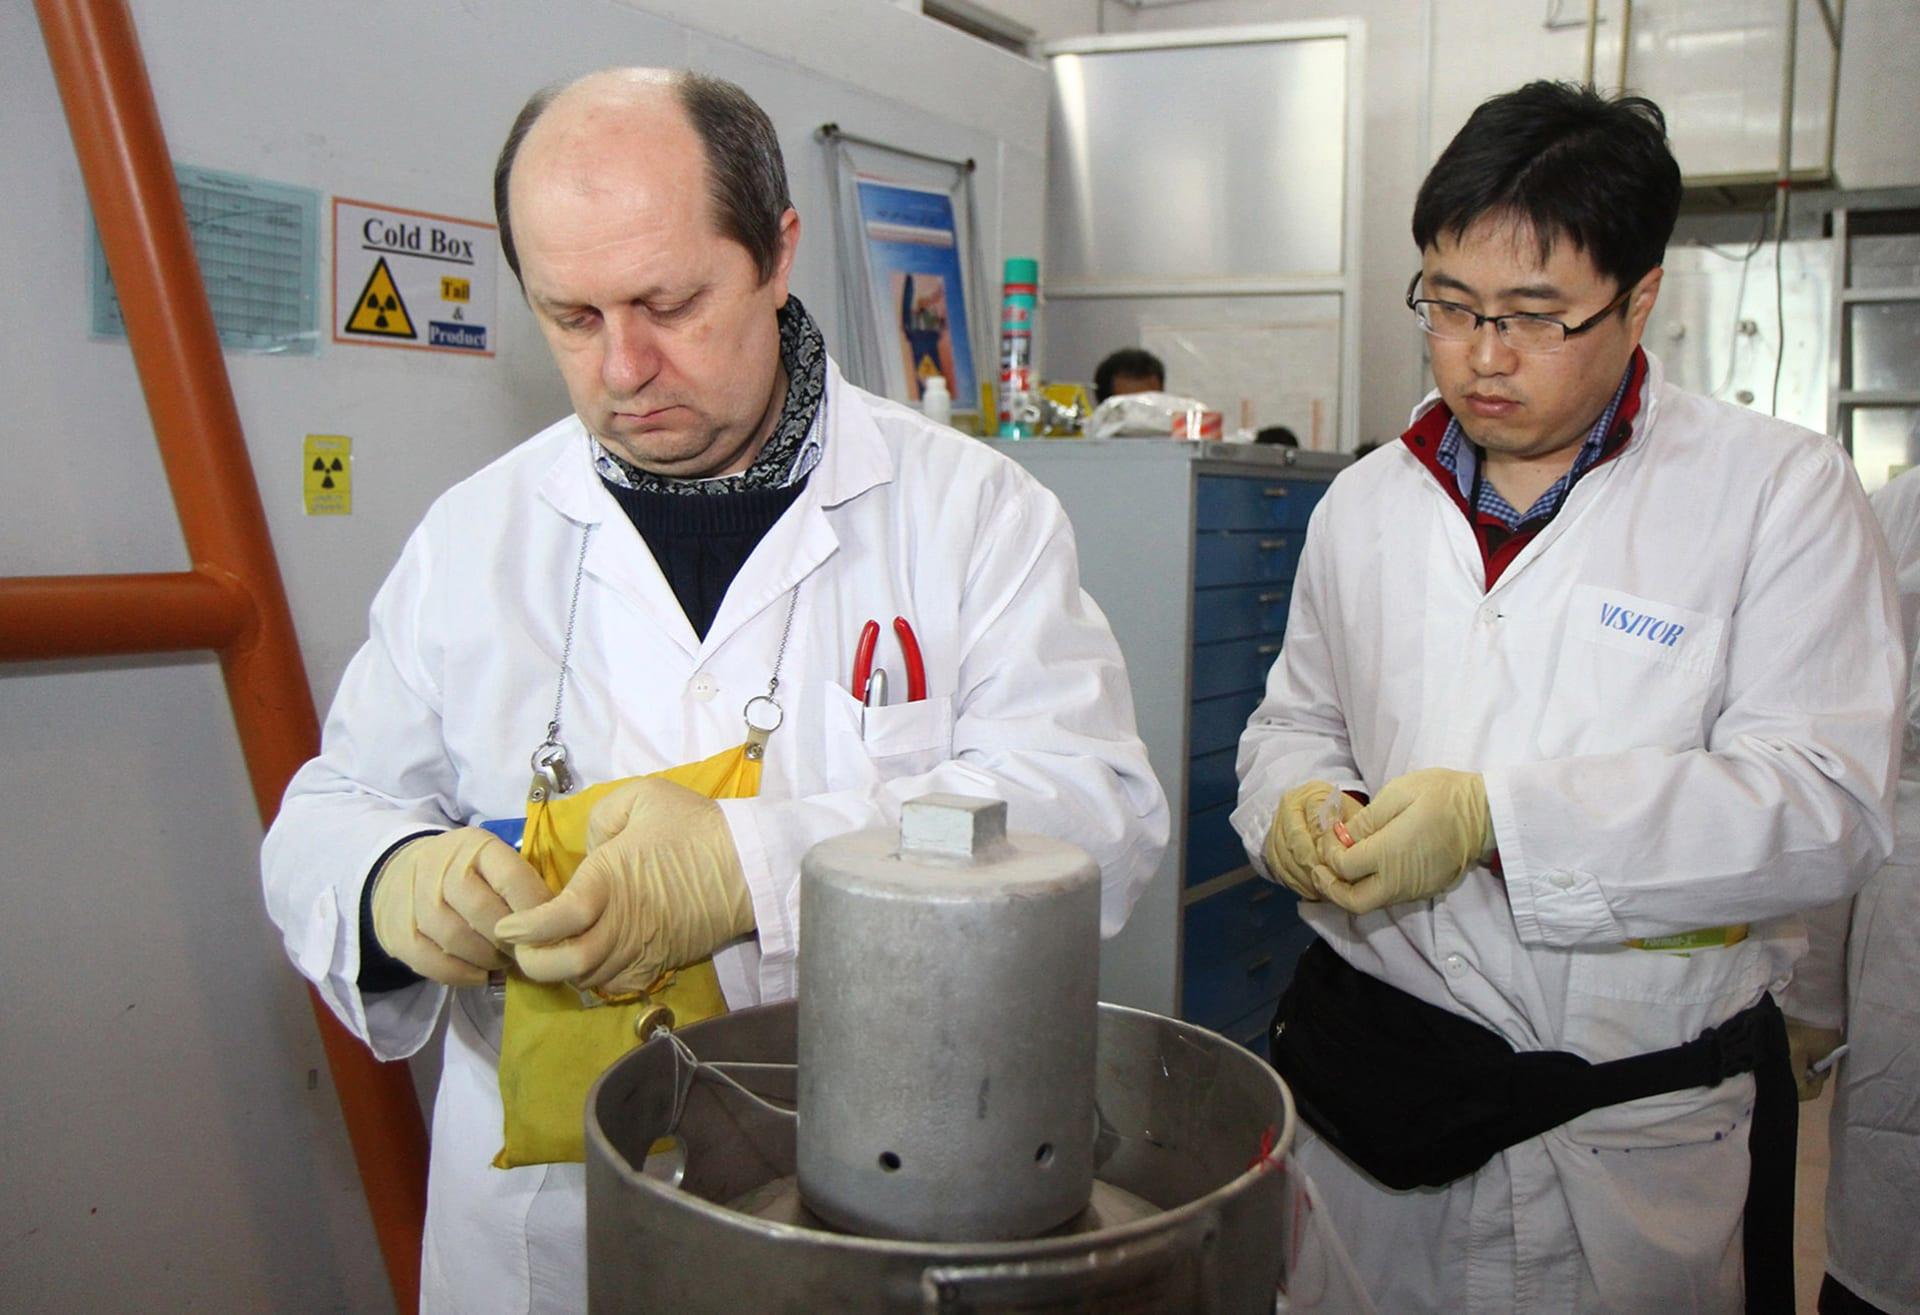 بعد أن تجاوزت 3.67%.. إيران تهدد بوصول مستوى تخصيب اليورانيوم إلى 20%